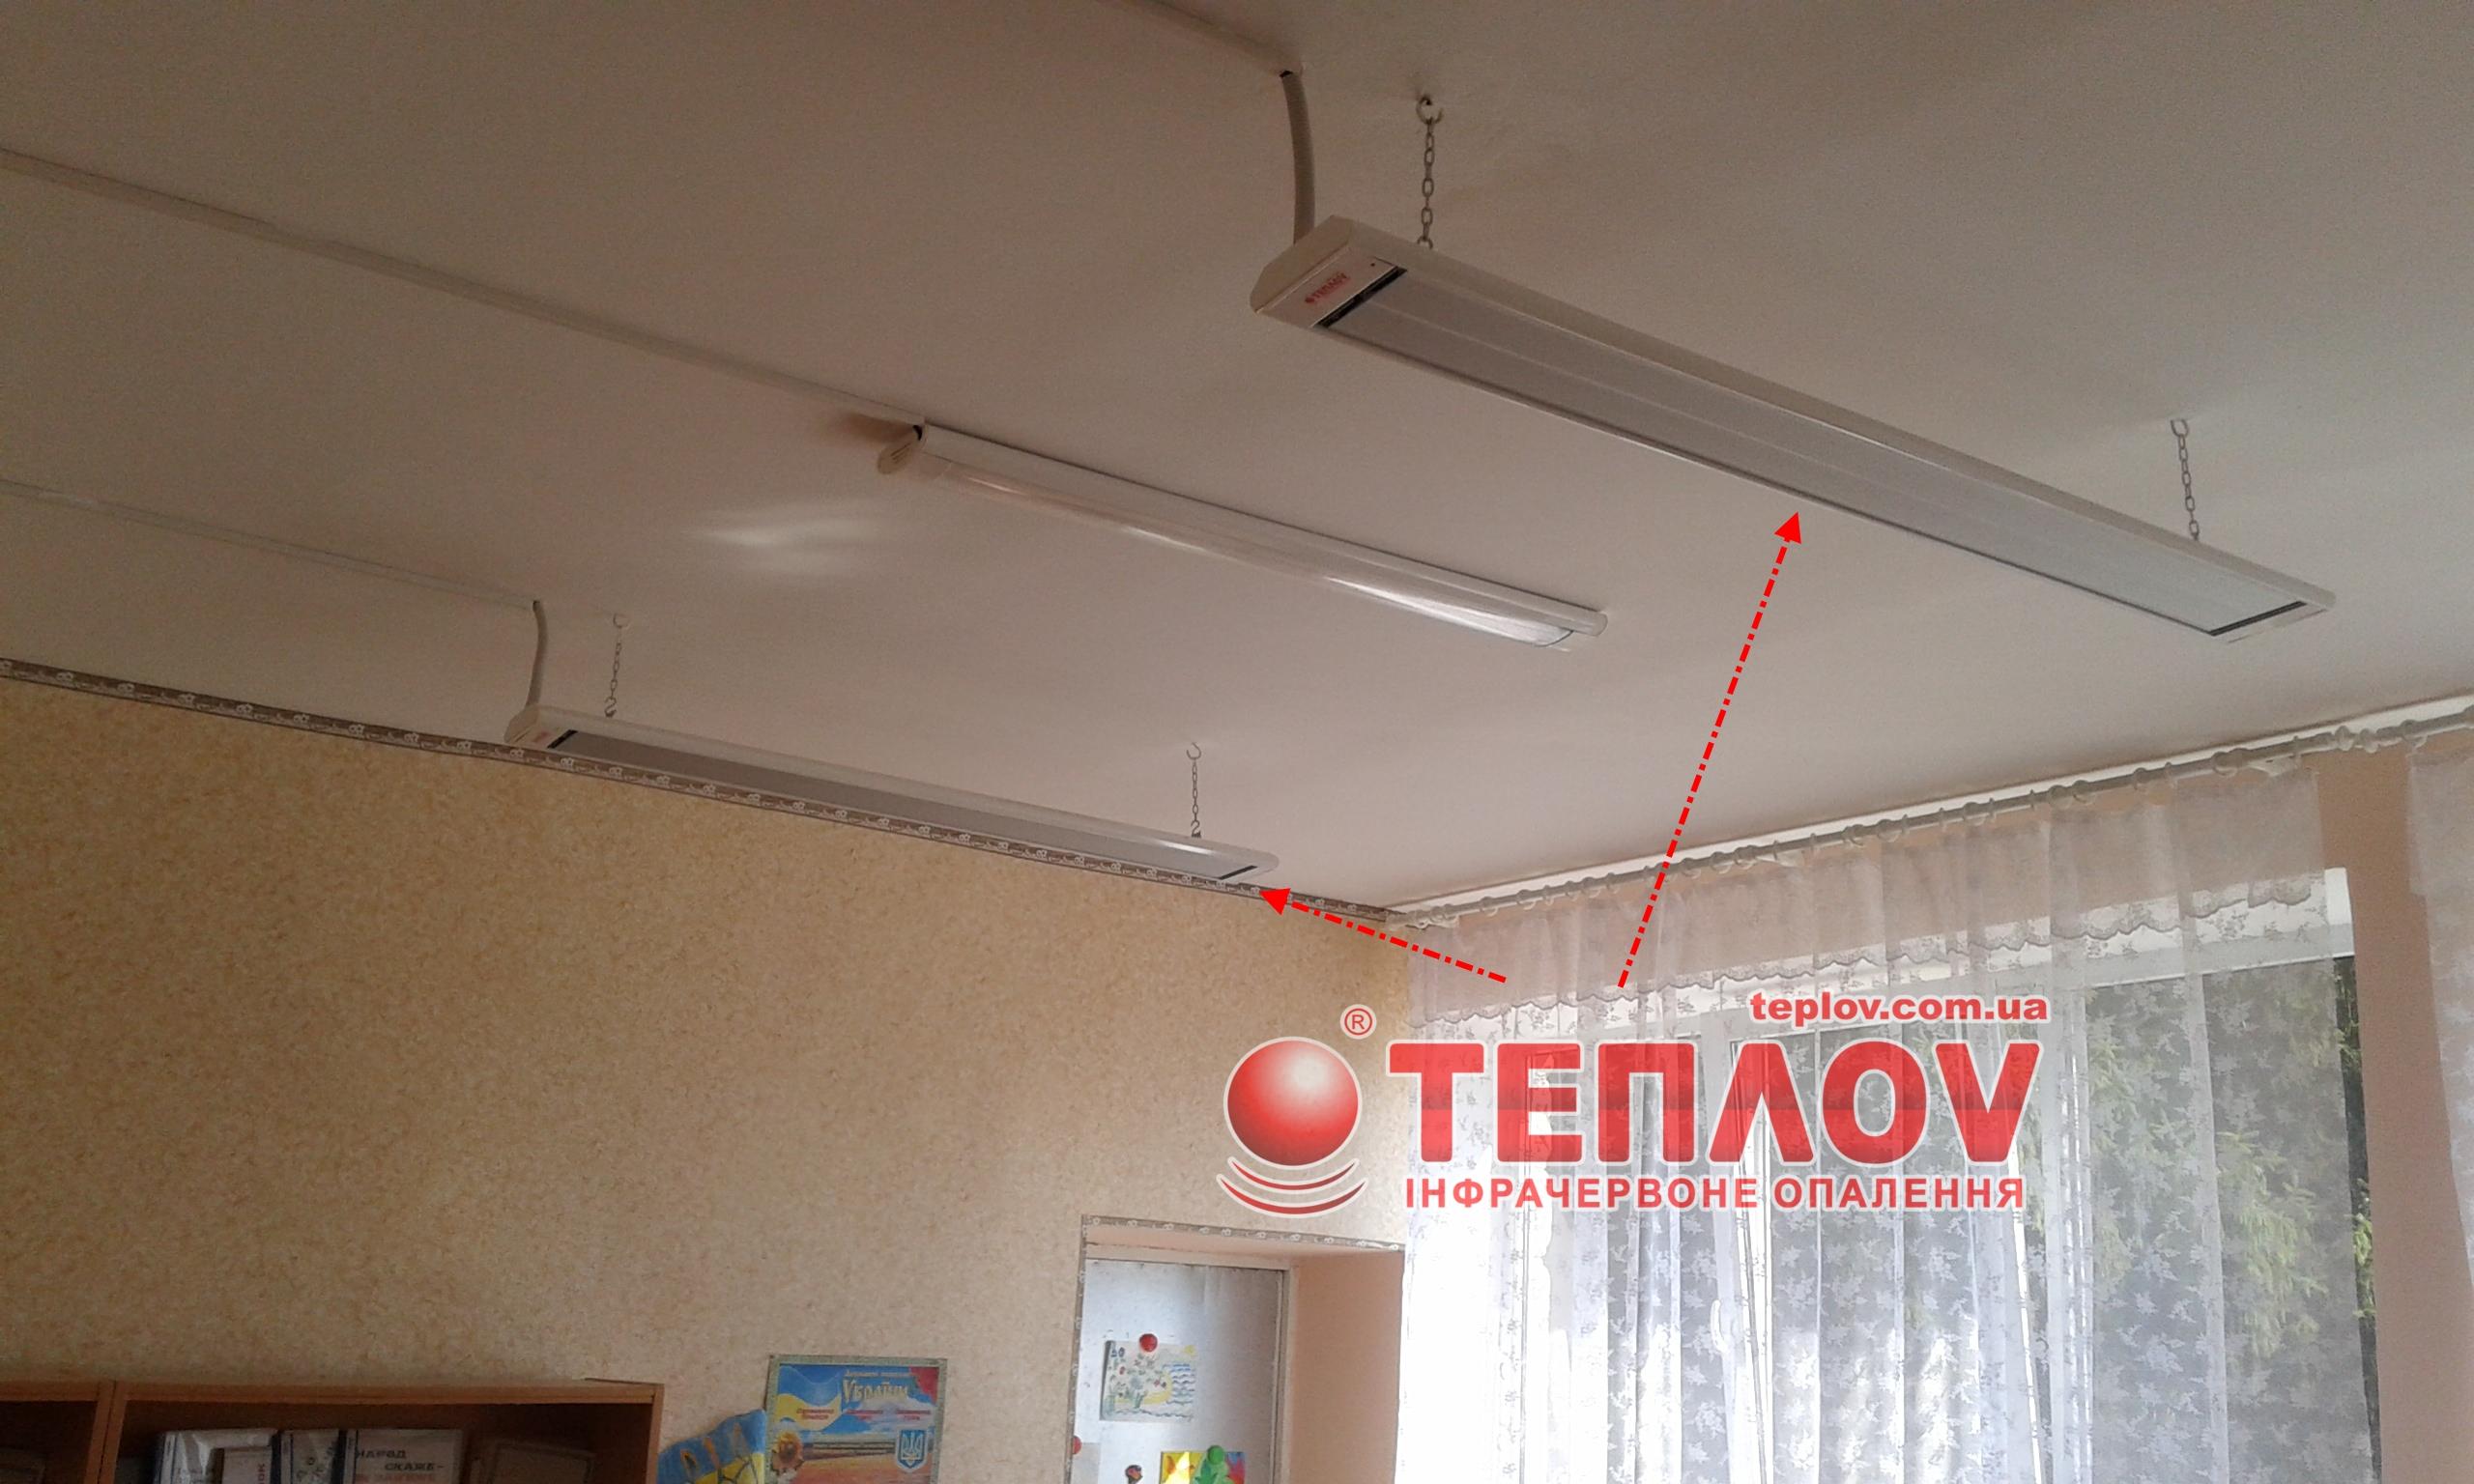 инфракрасные системы отопления для школьных учреждений